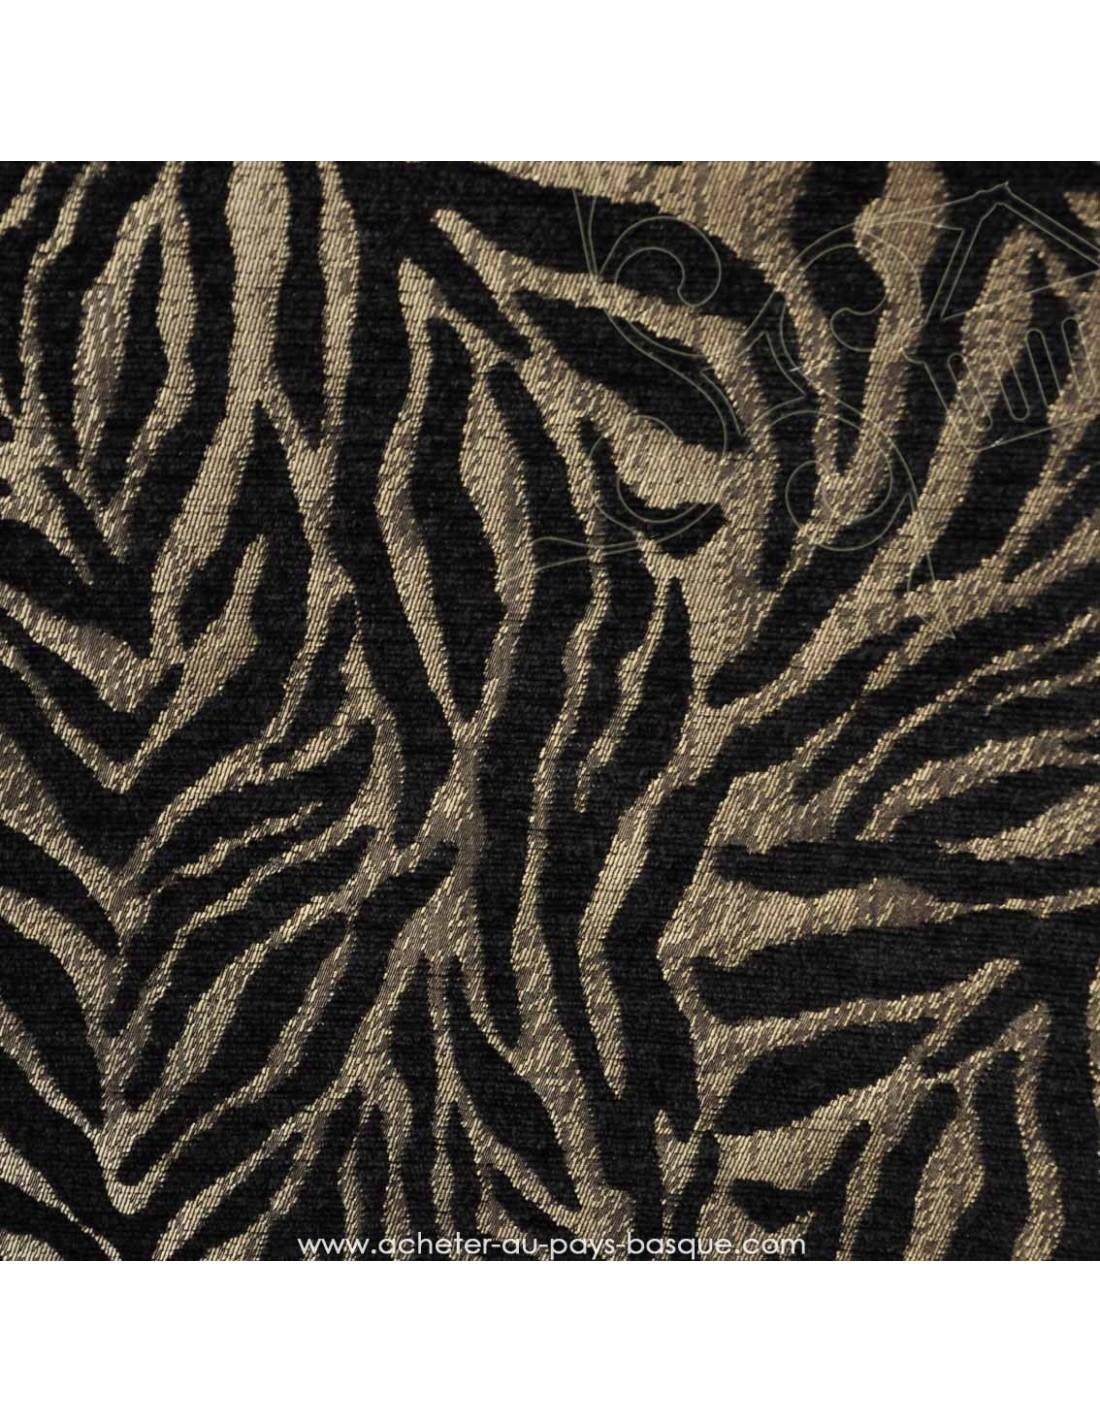 tissu velours jacquard thevenon tigre noir et argent ameublement